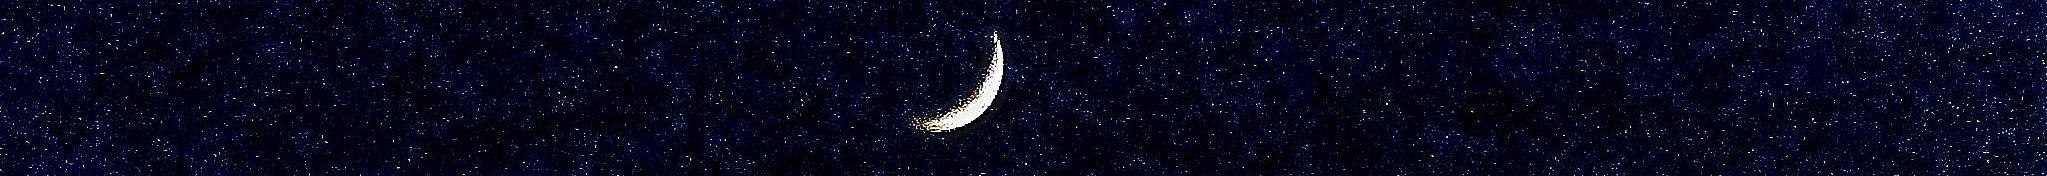 Smal maan en sterren